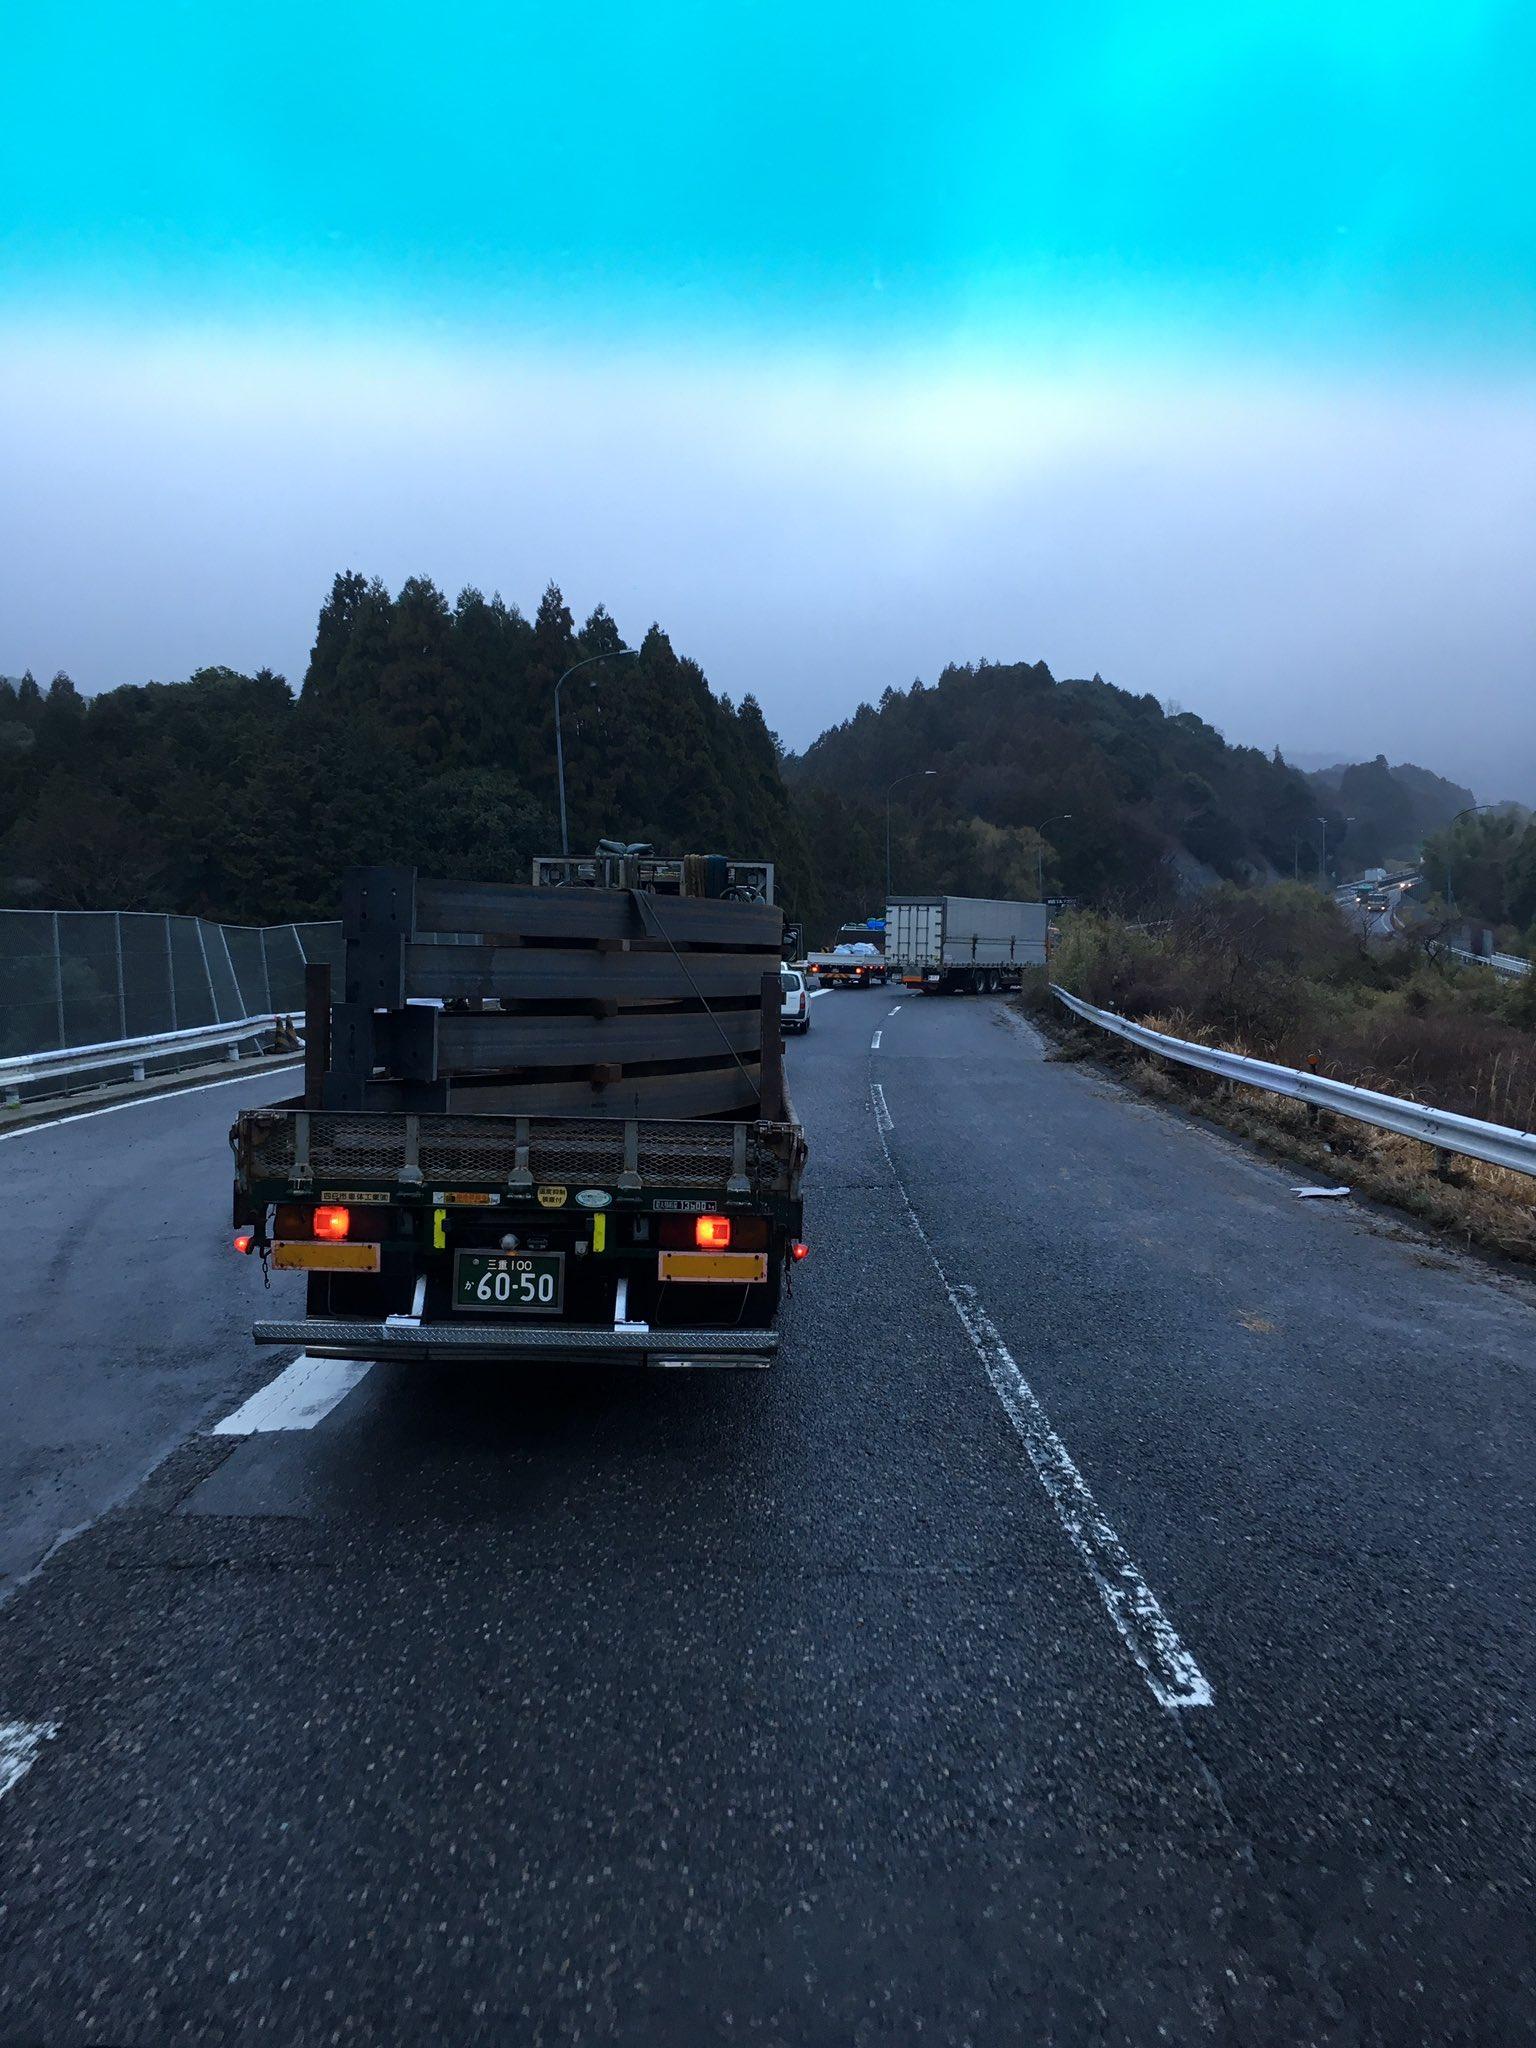 画像,はい今日も降雨時恒例、名阪国道事故渋滞でーす。下り天理方面、関TN抜けた下り込み右カーブで大型と乗用車2台?の事故。乗用車1台大破&大型車線逸脱の為、処…